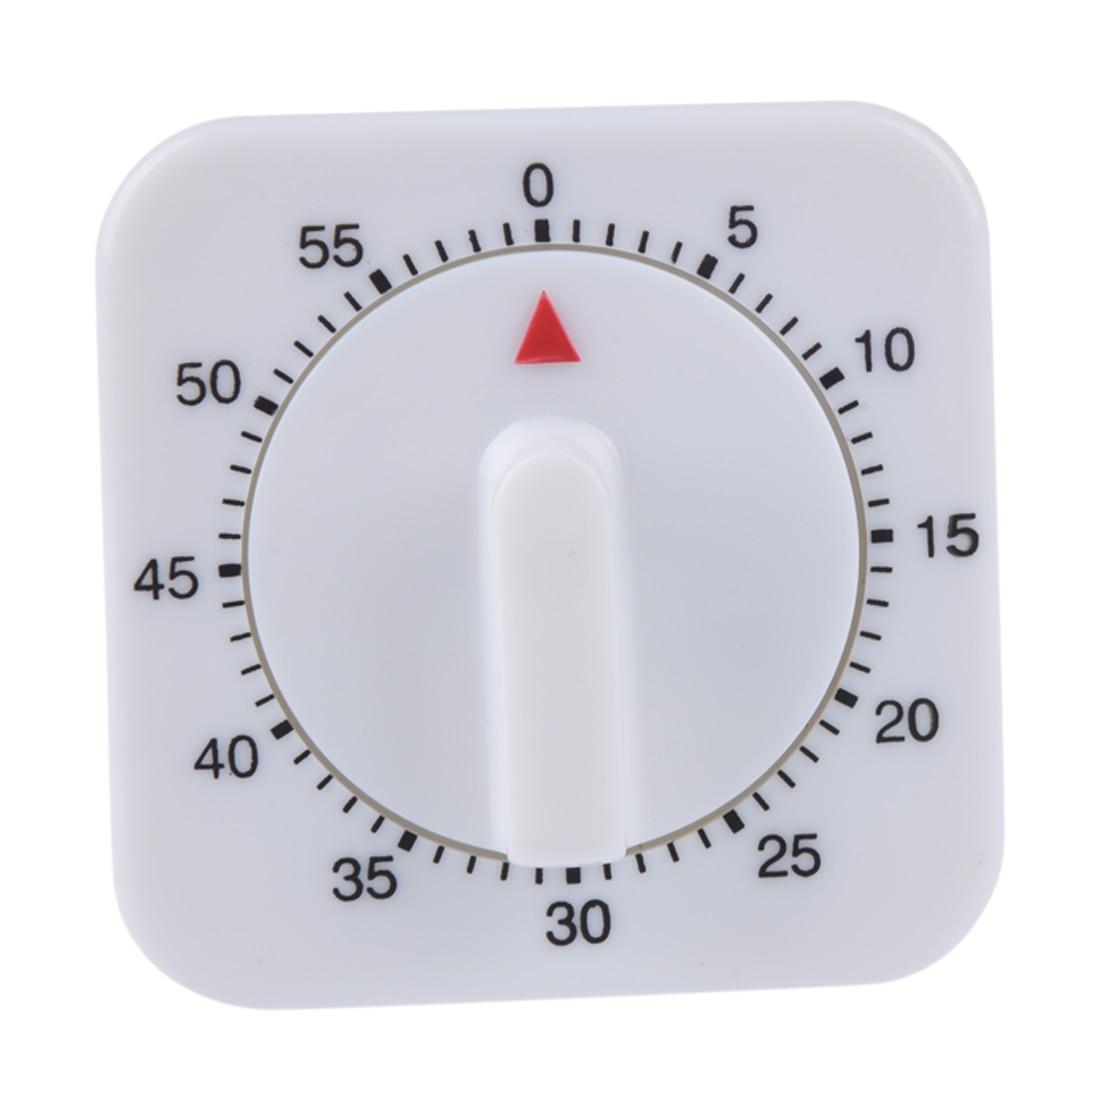 Beminnelijk 1 Pcs Mechanische Kookwekker Vierkante Koken Timer Game Countdown Timer Stop Wekker Tellen Countdown Alarm Met Magneet Verkoop Van Kwaliteitsborging